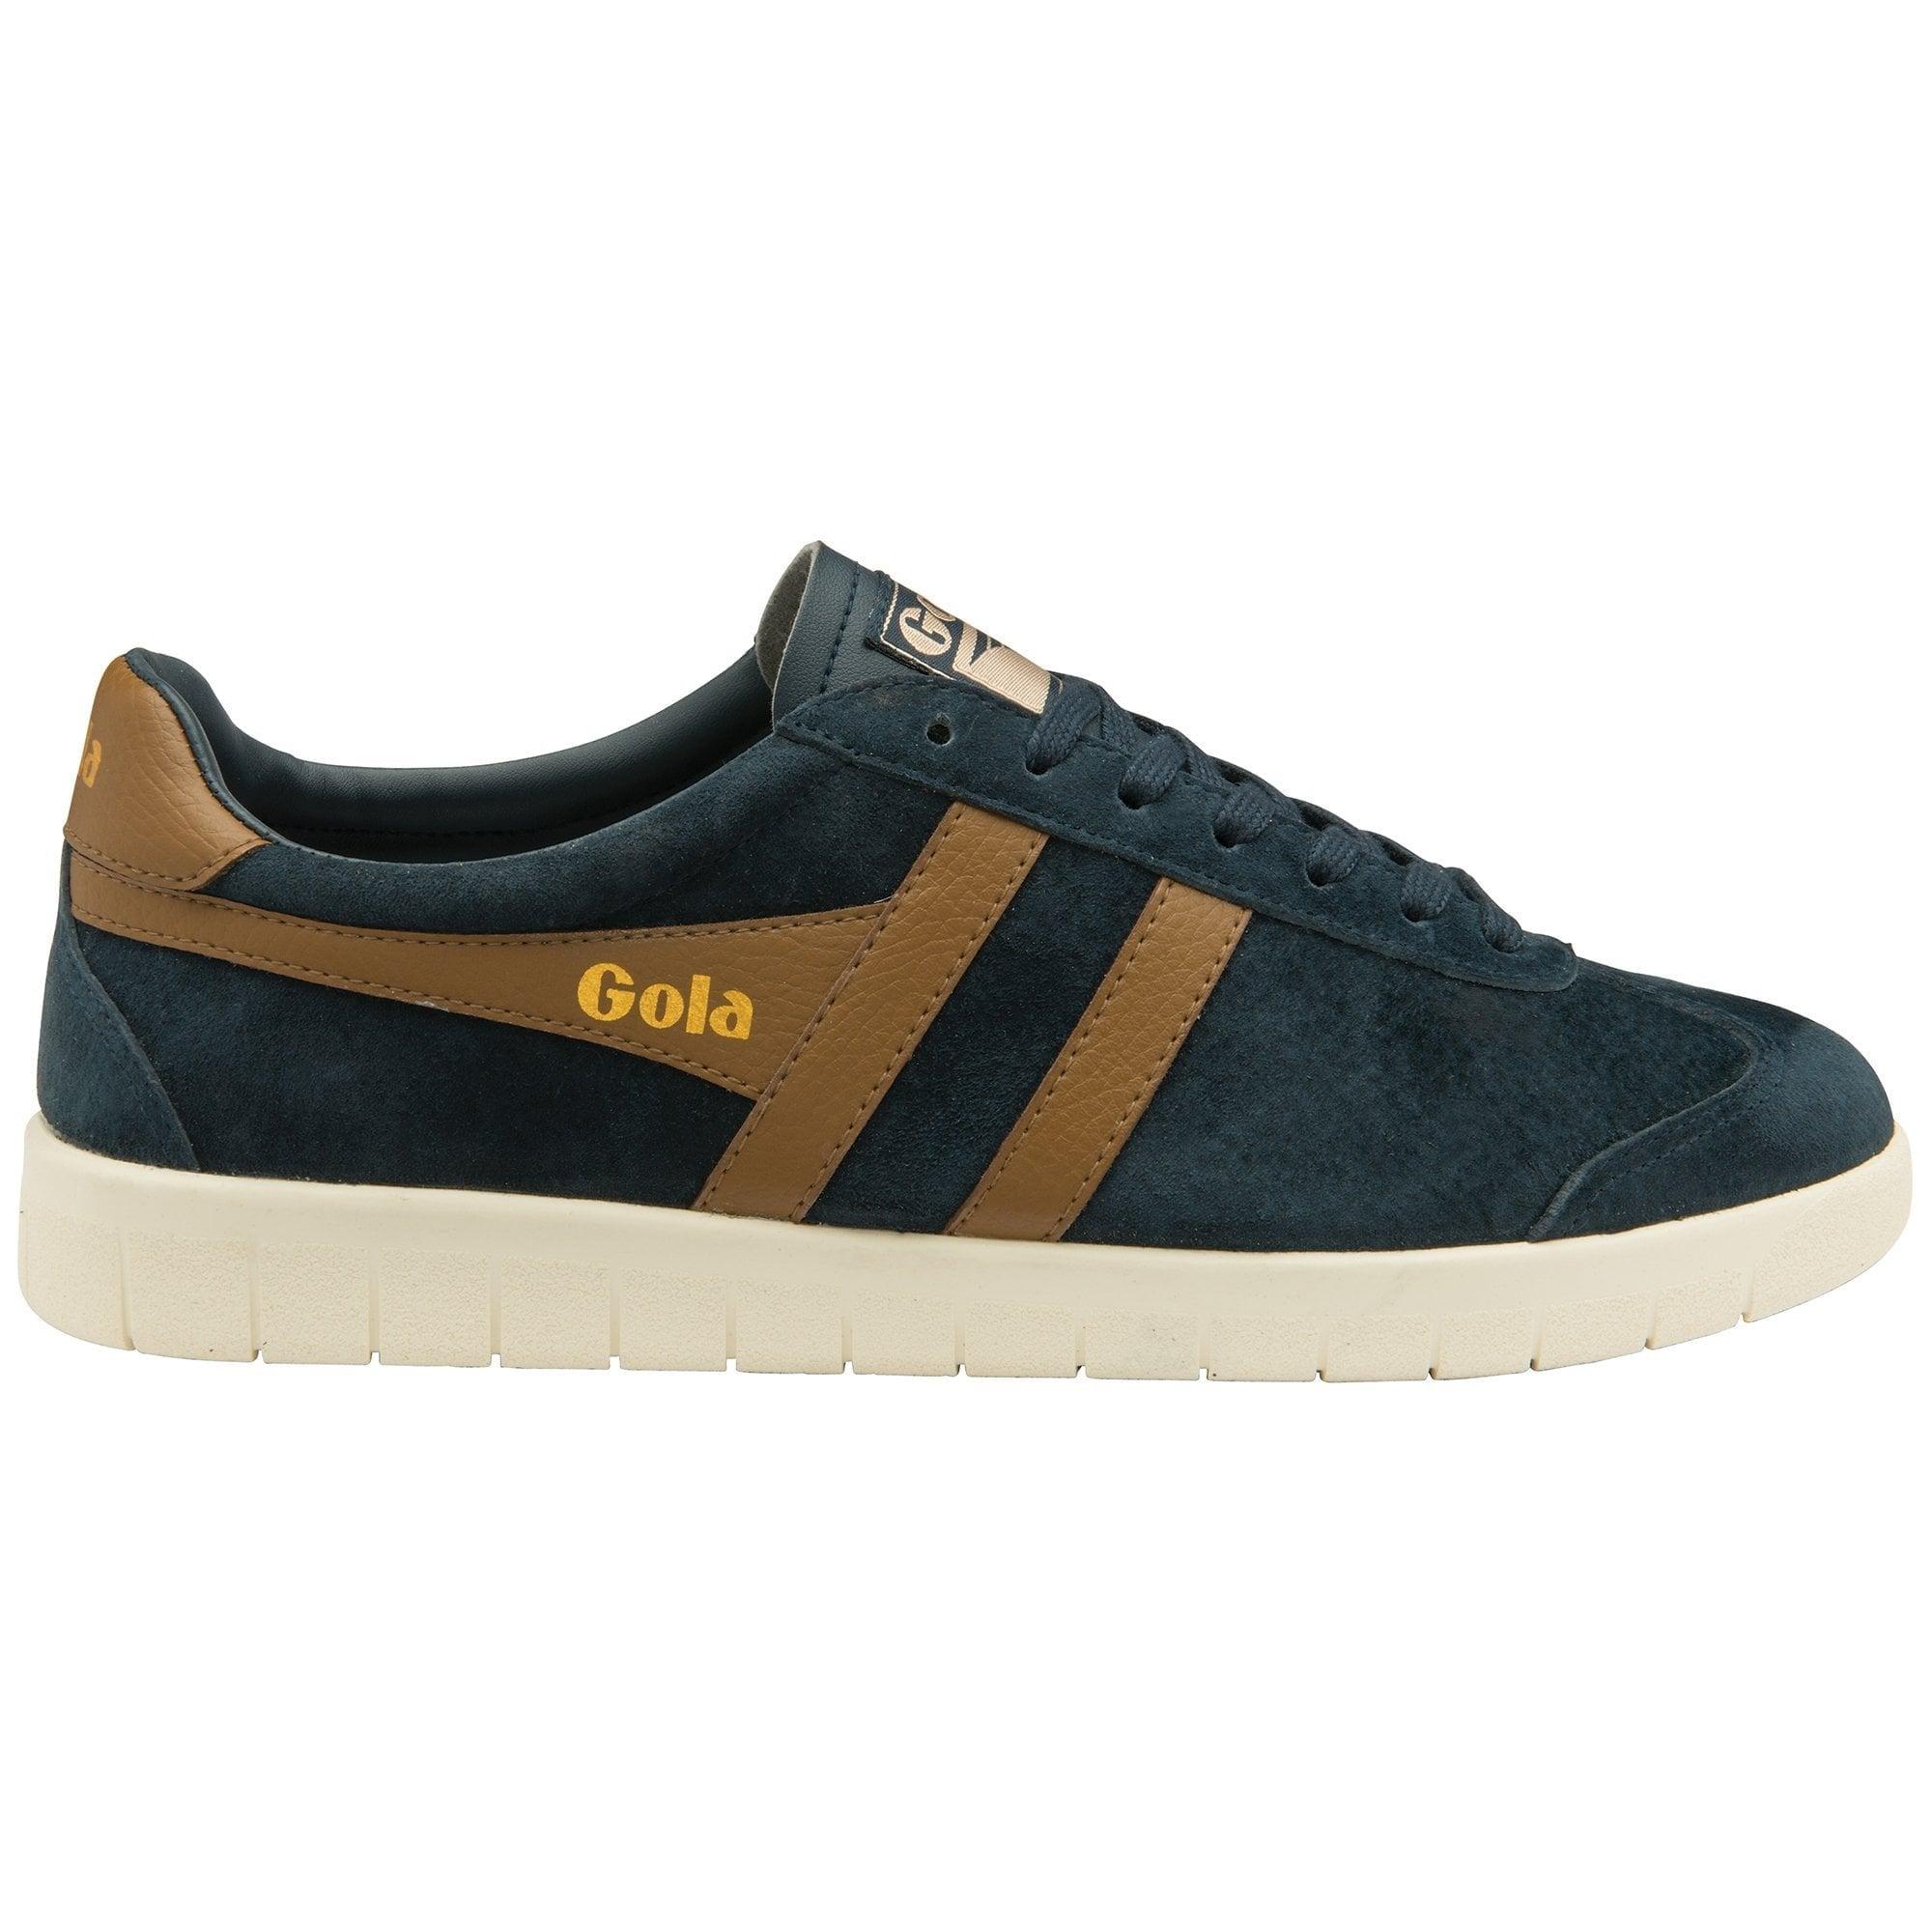 Buy Gola Mens Hurricane Suede sneaker